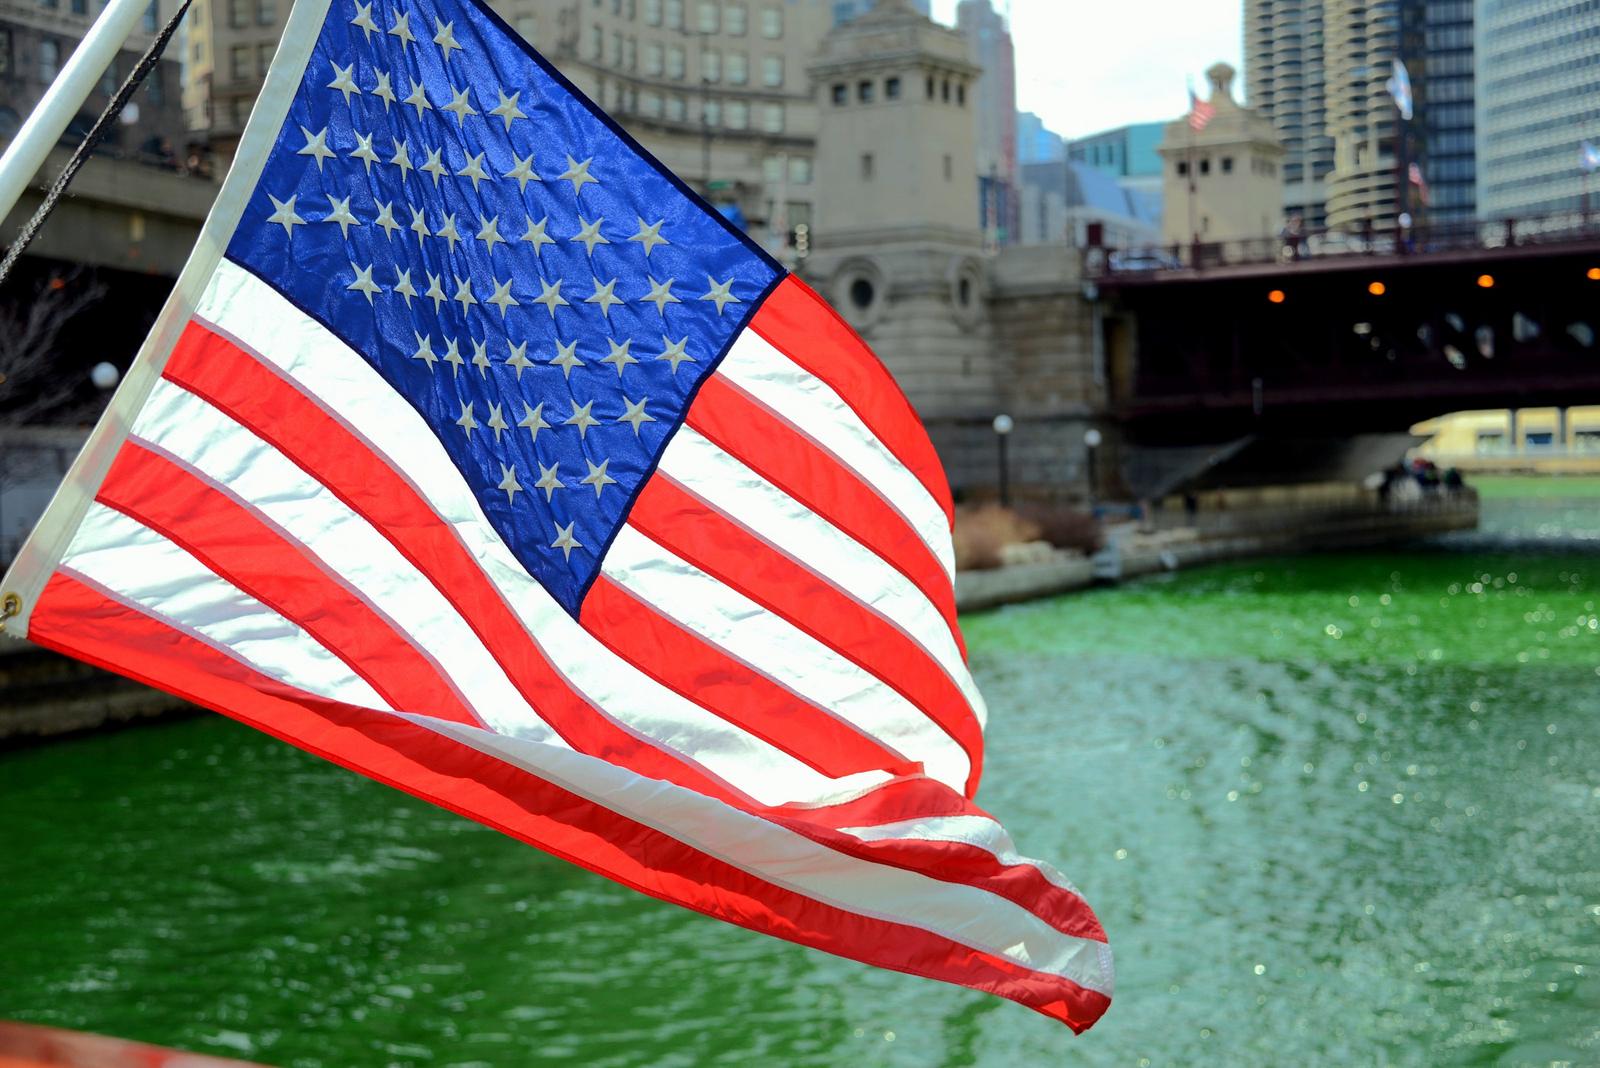 Nationalflagge der USA vor einem Fluss in Chicago